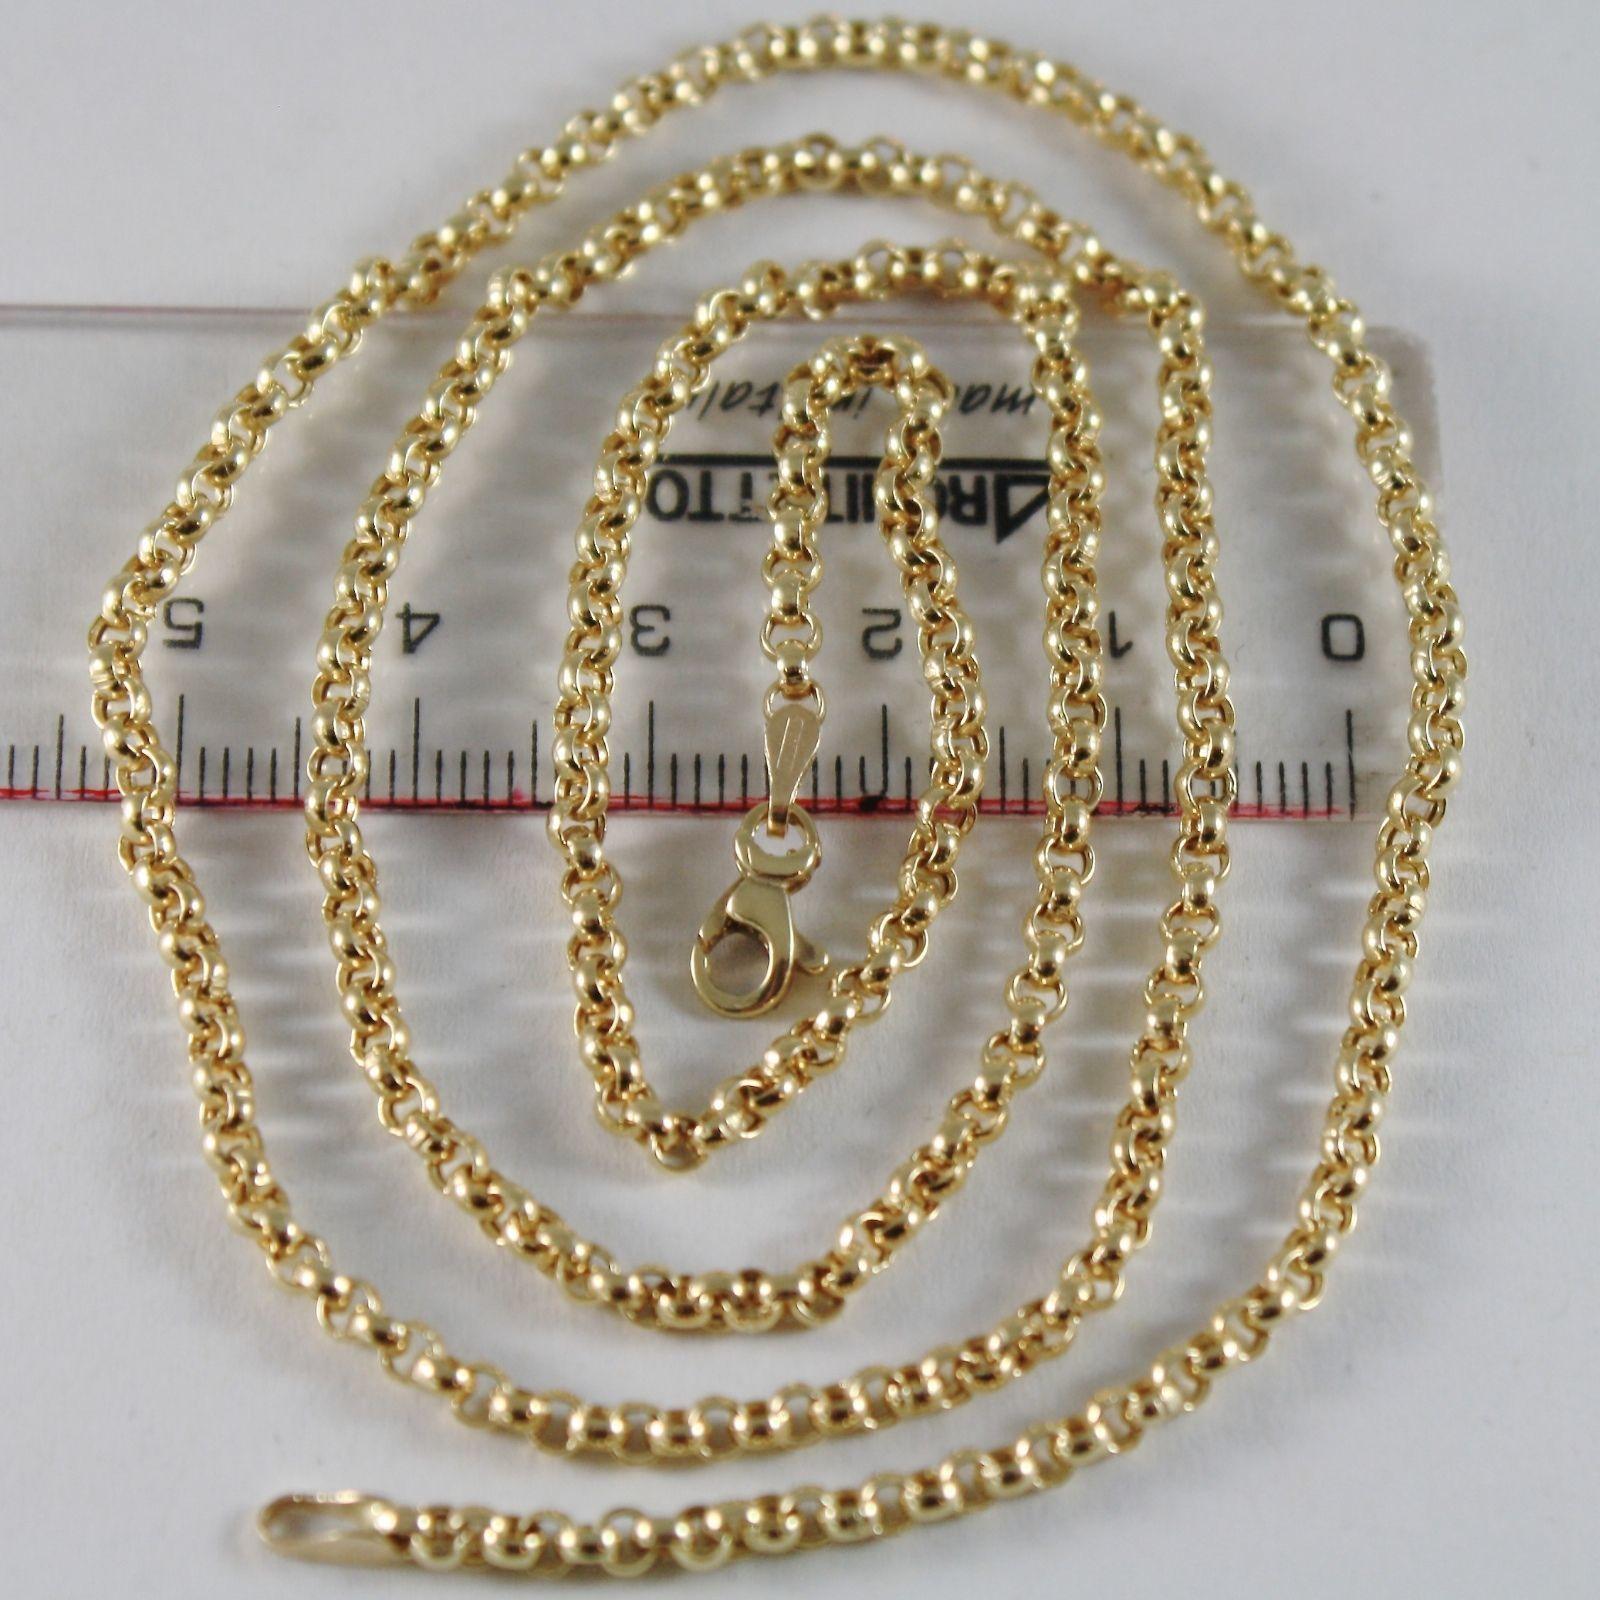 CADENA DE ORO AMARILLO 750 18 CT LARGO 40 45 50 60 CM,ROLO ANILLOS ESPESOR 2.5